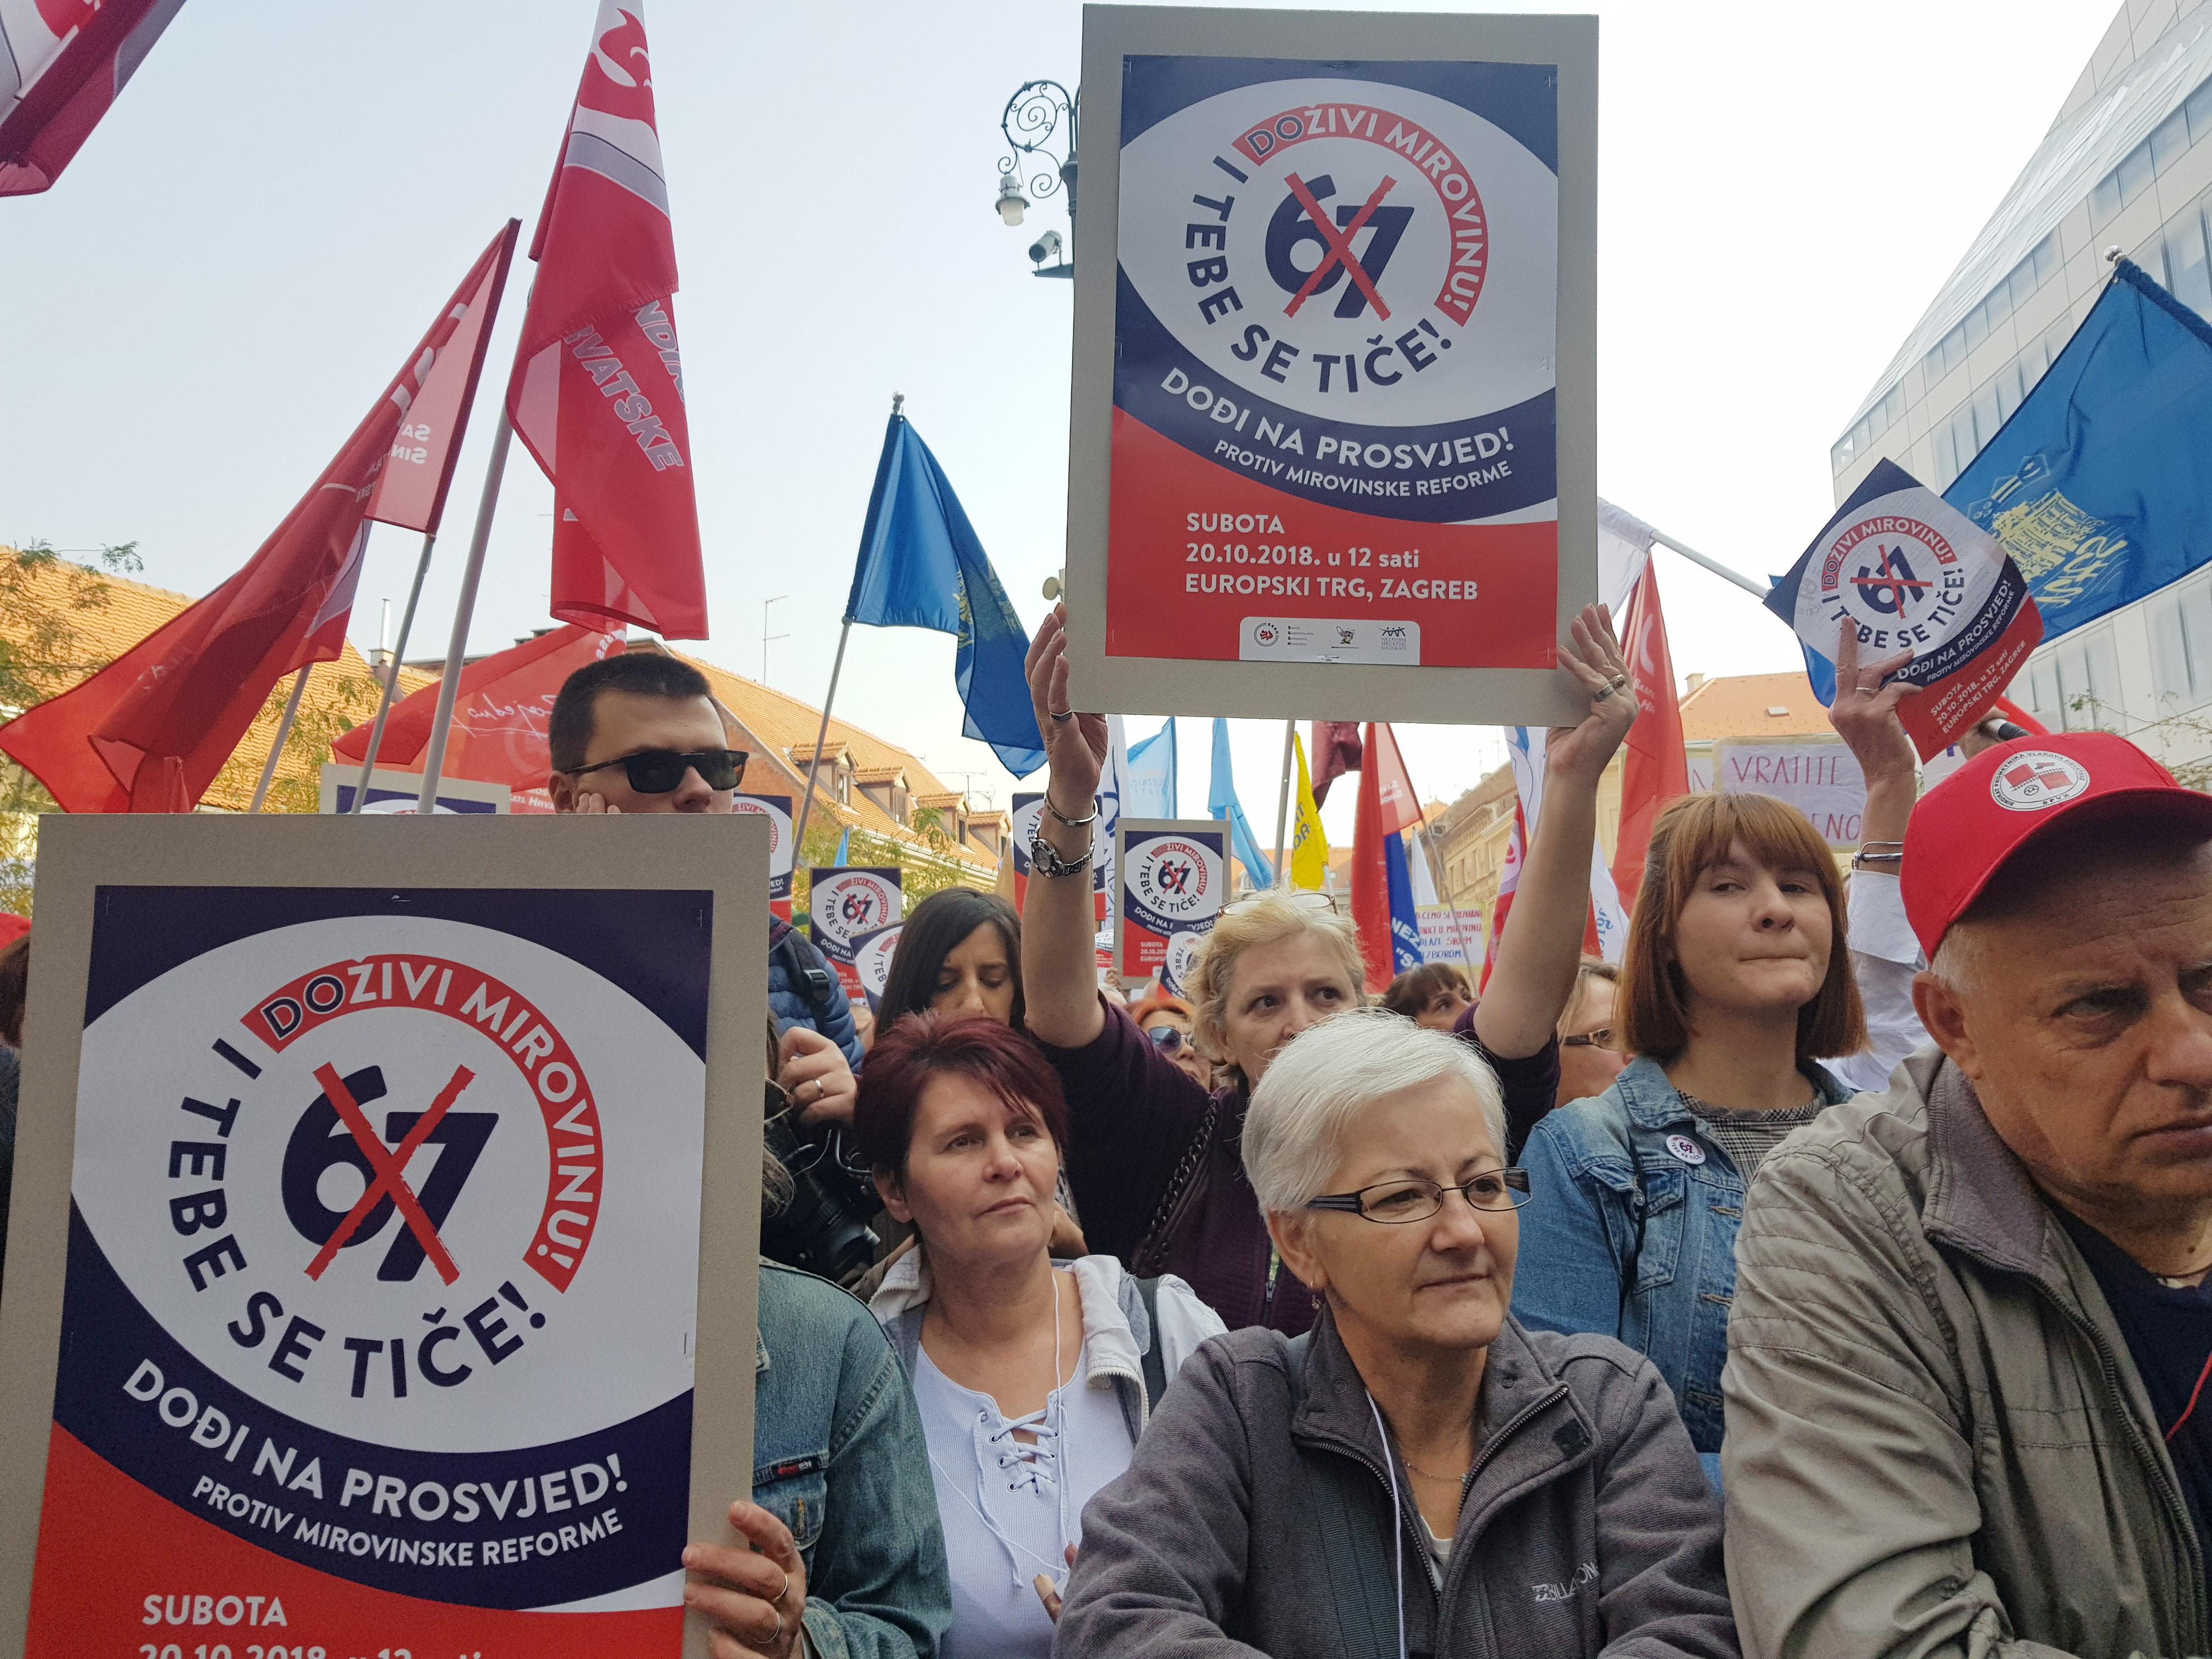 Sindikalisti prosvjeduju protiv mirovinske reforme